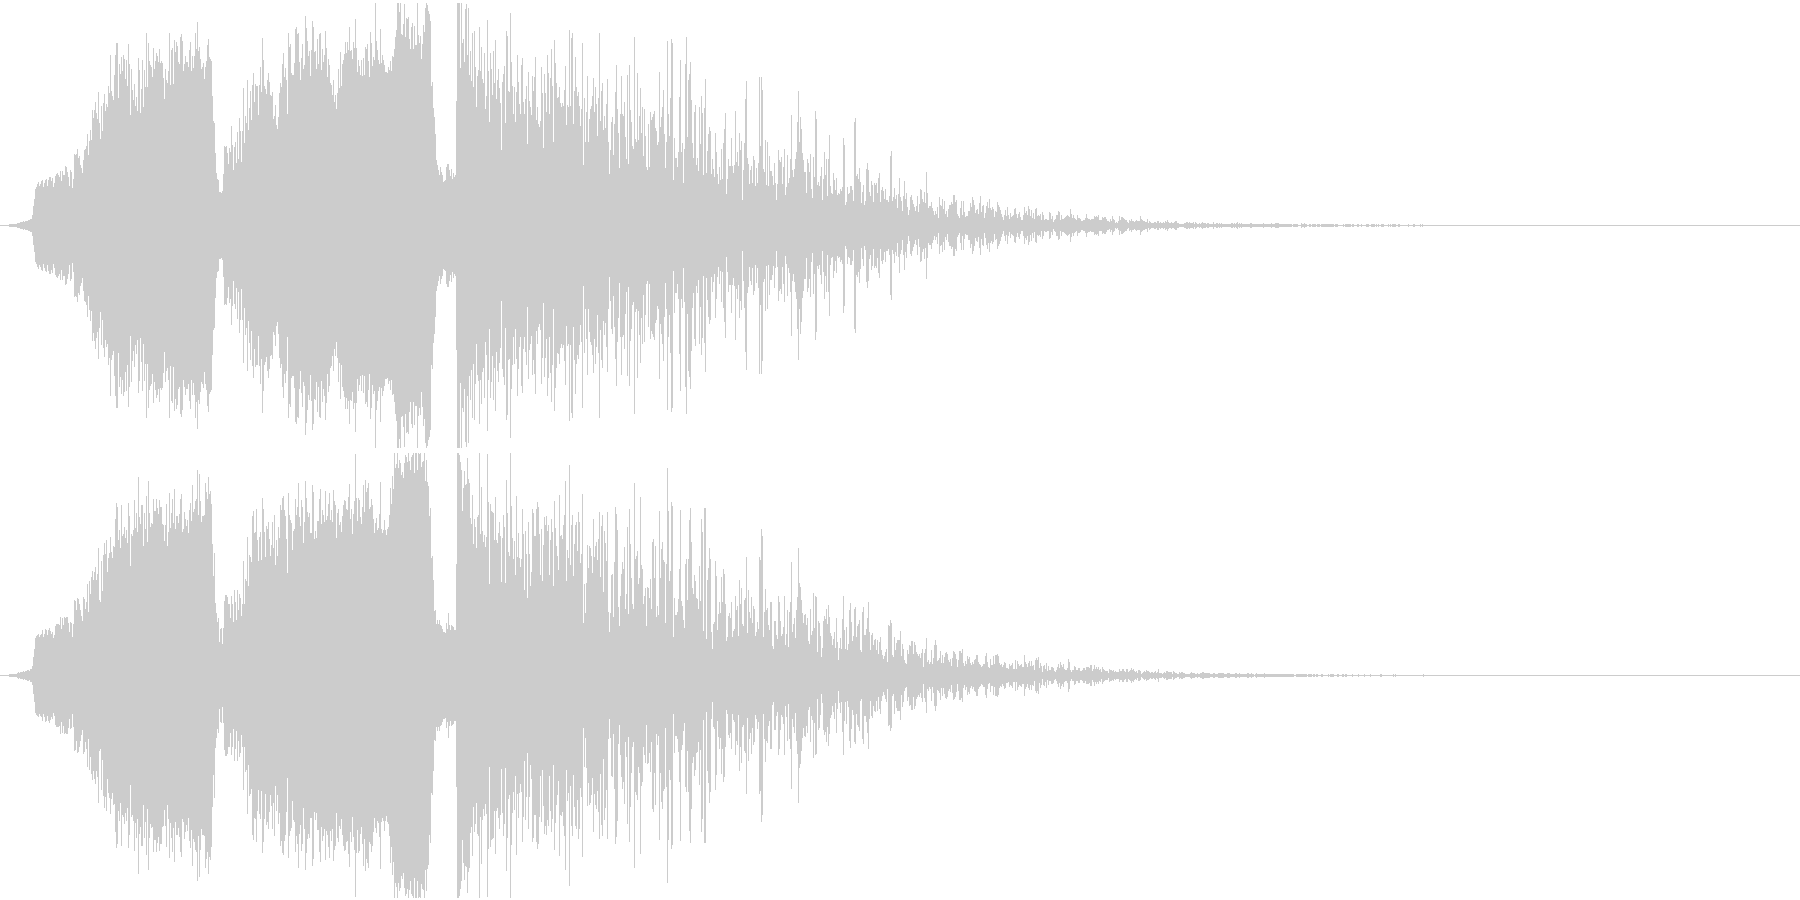 シュインシュインドーン 爆発音の未再生の波形